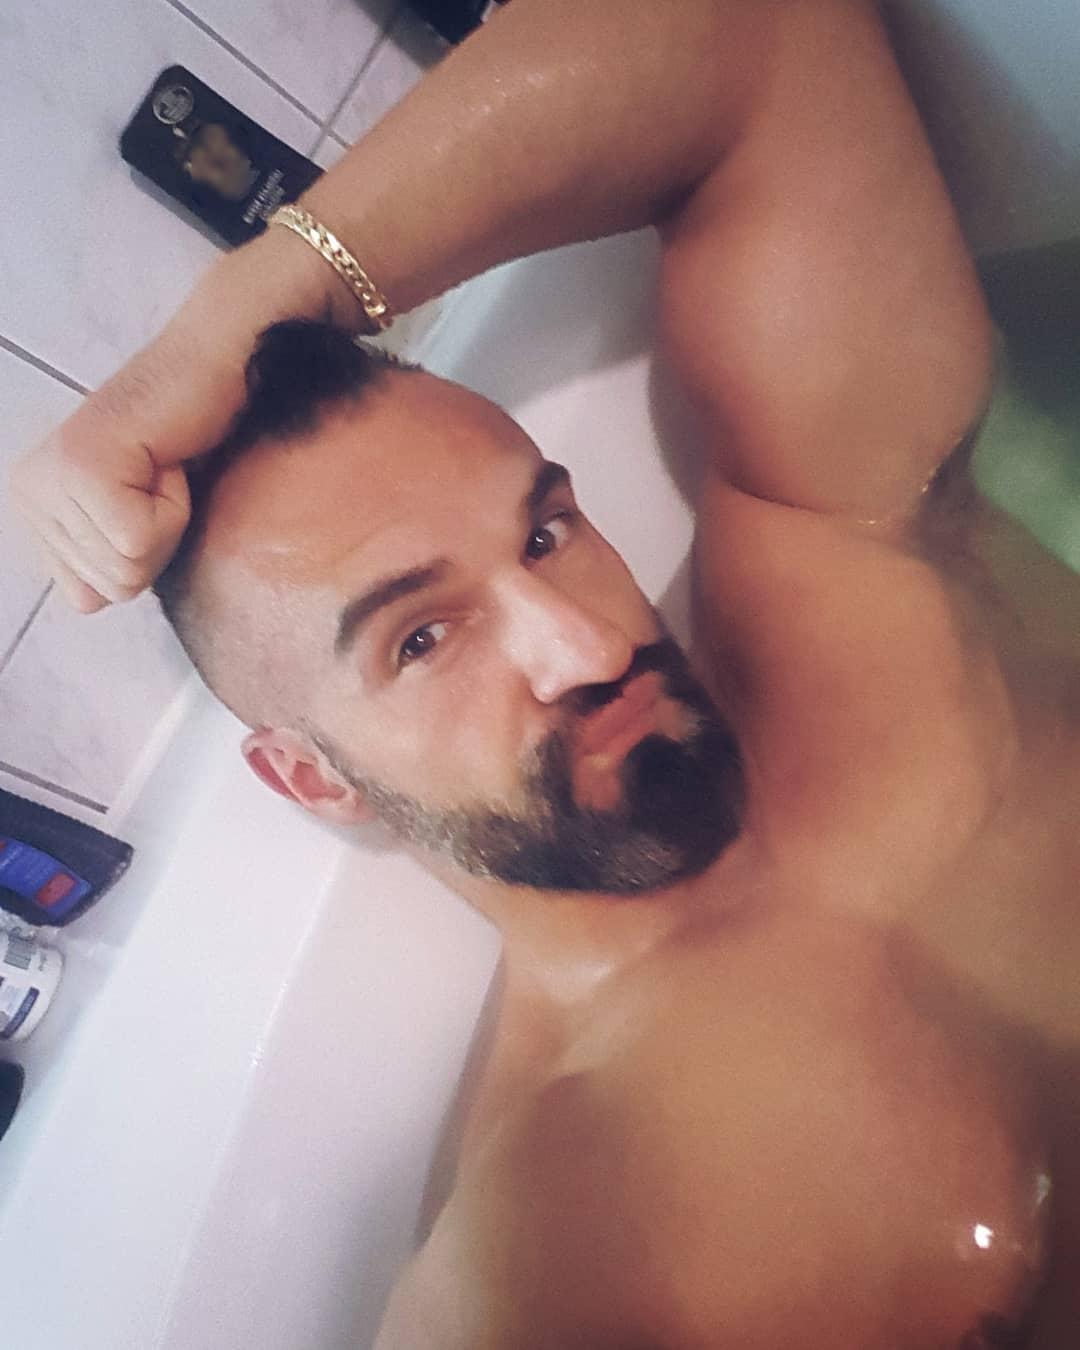 Die meisten Menschen gehen baden, um sauber zu werden… ich hingegen gehe baden, um für wenige Minuten endlich mal die Last des schweren Bosscocks zu vergessen 😉😁😎😘 . #boss #bangboss #bosscock #bathtub #bathtime #bath #shower #cute #selfie #me #potd #pictureoftheday #friday #weekendfeeling #muscles #naked #berlin #mcfit #biceps #beard #browneyes #croatian #berliner